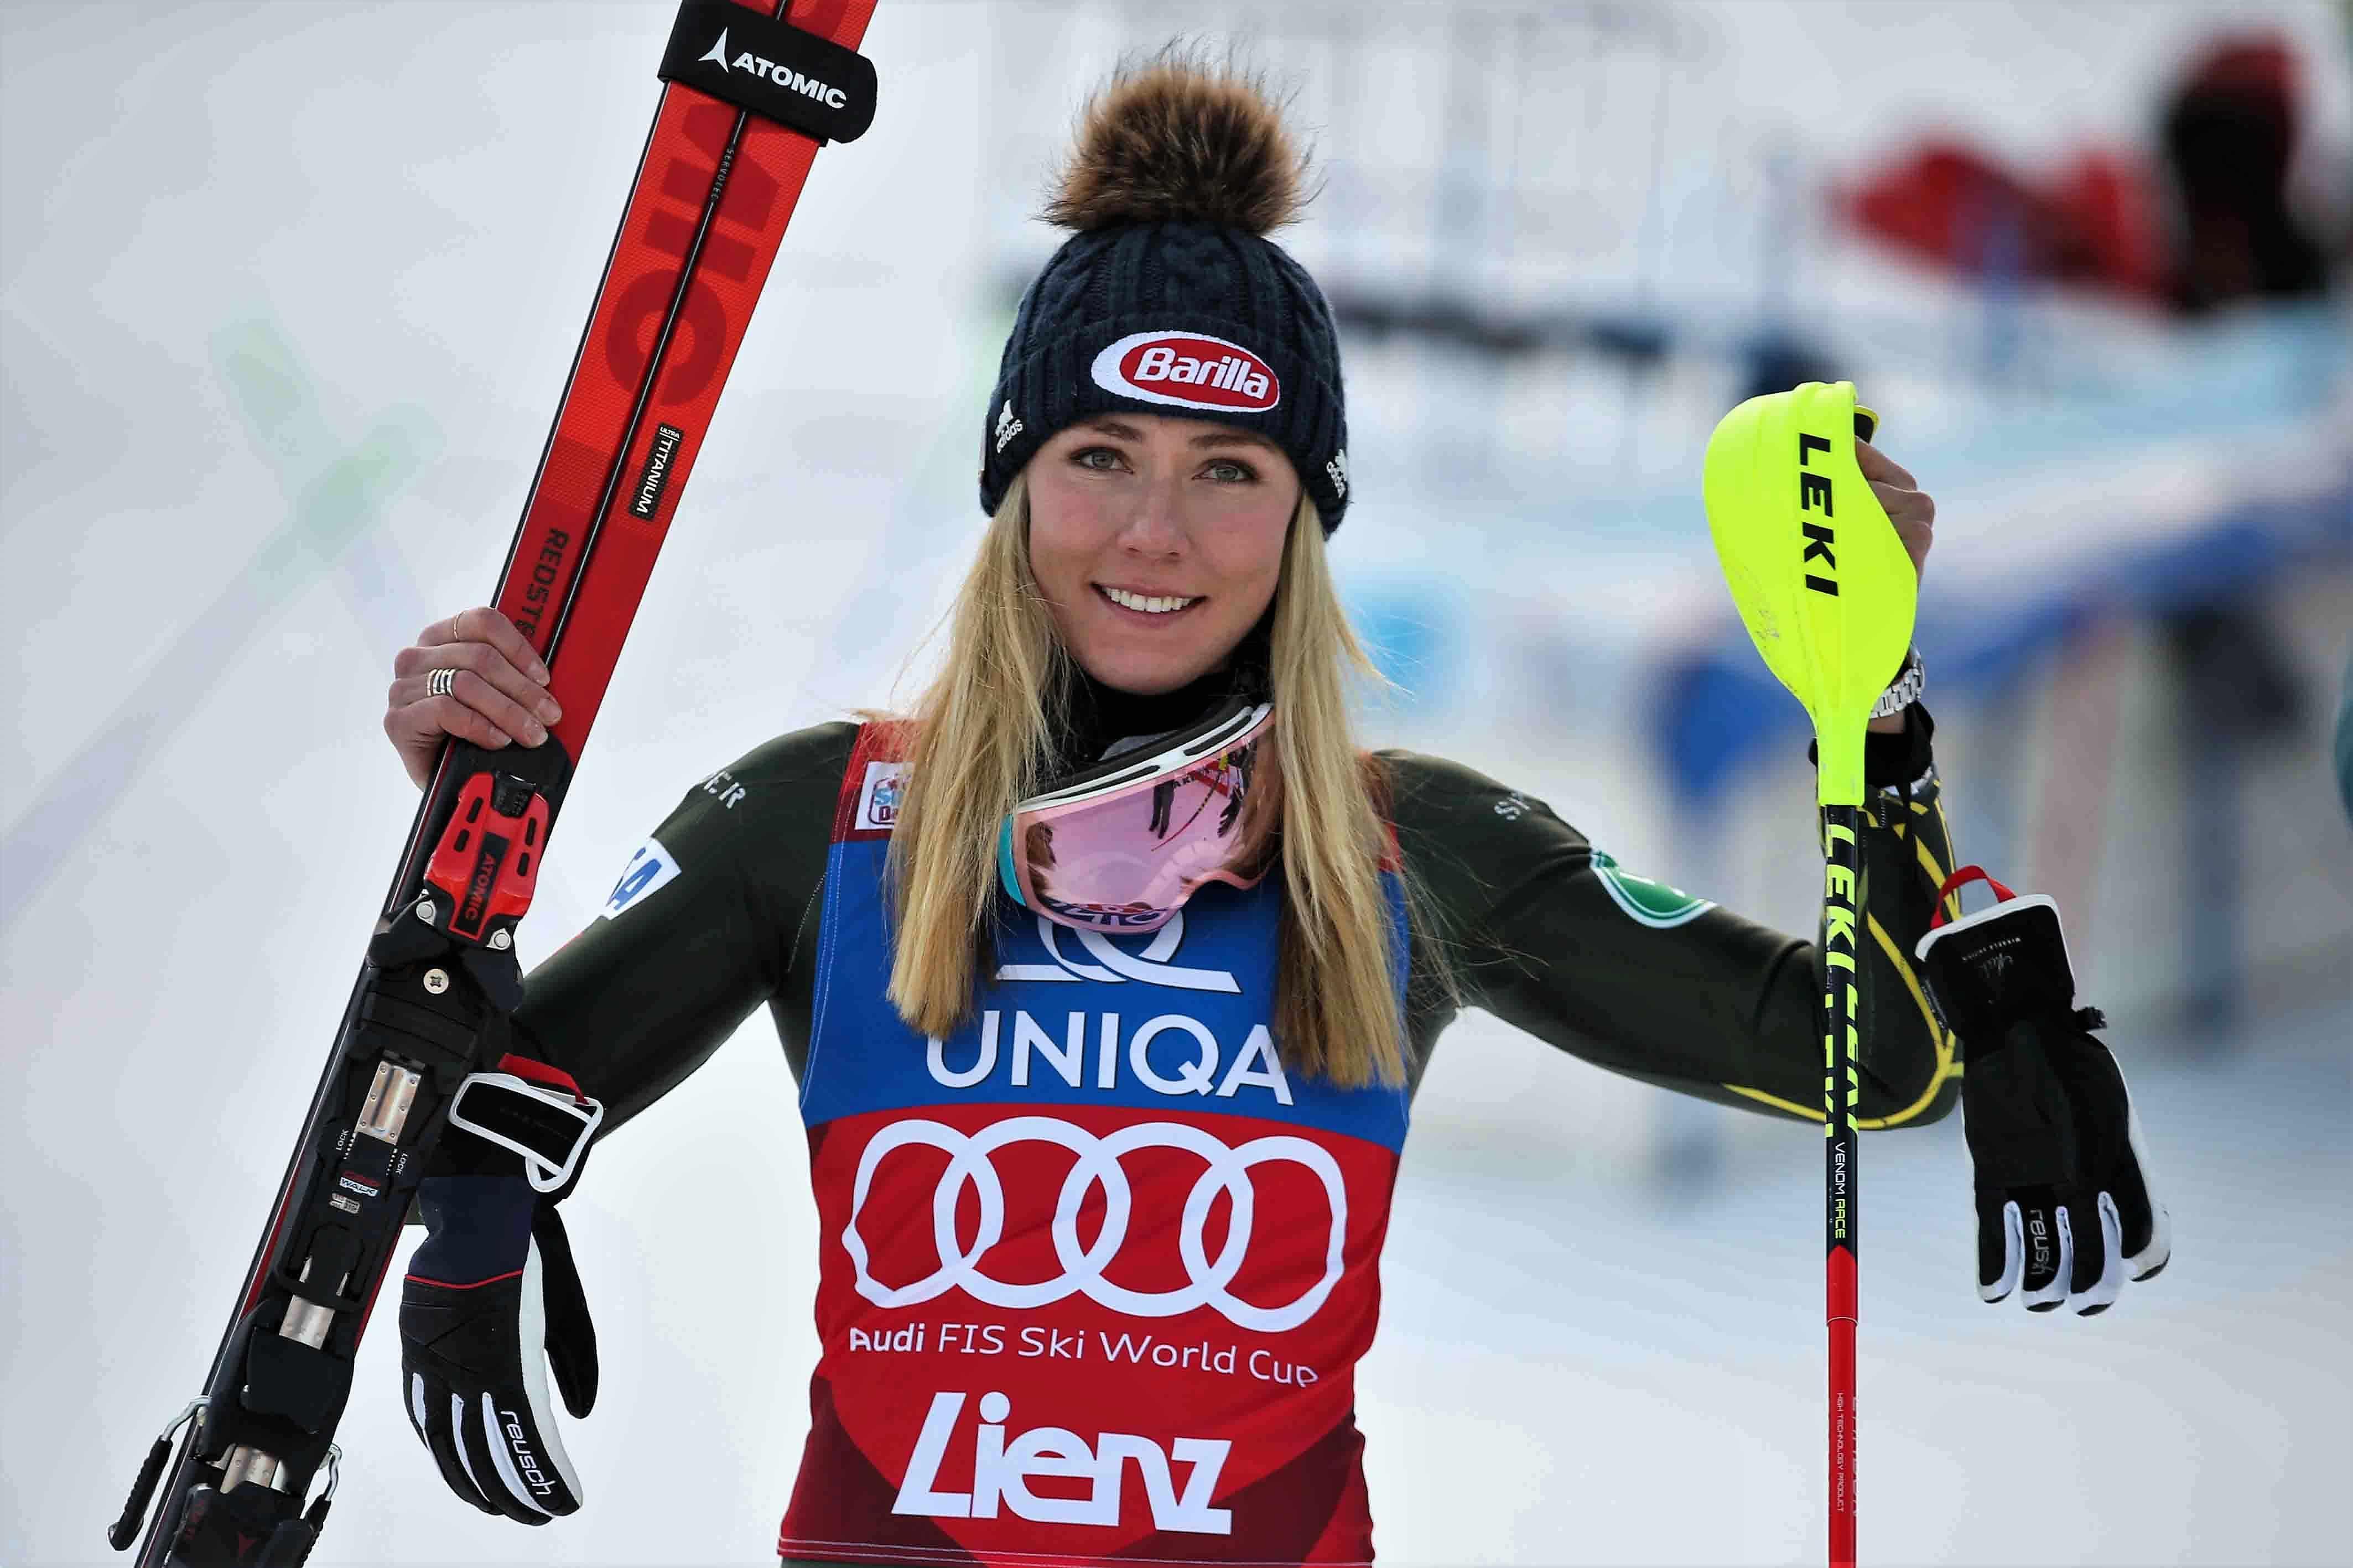 Mikaela Shiffrin Lienz Copa del mundo de esquí alpino